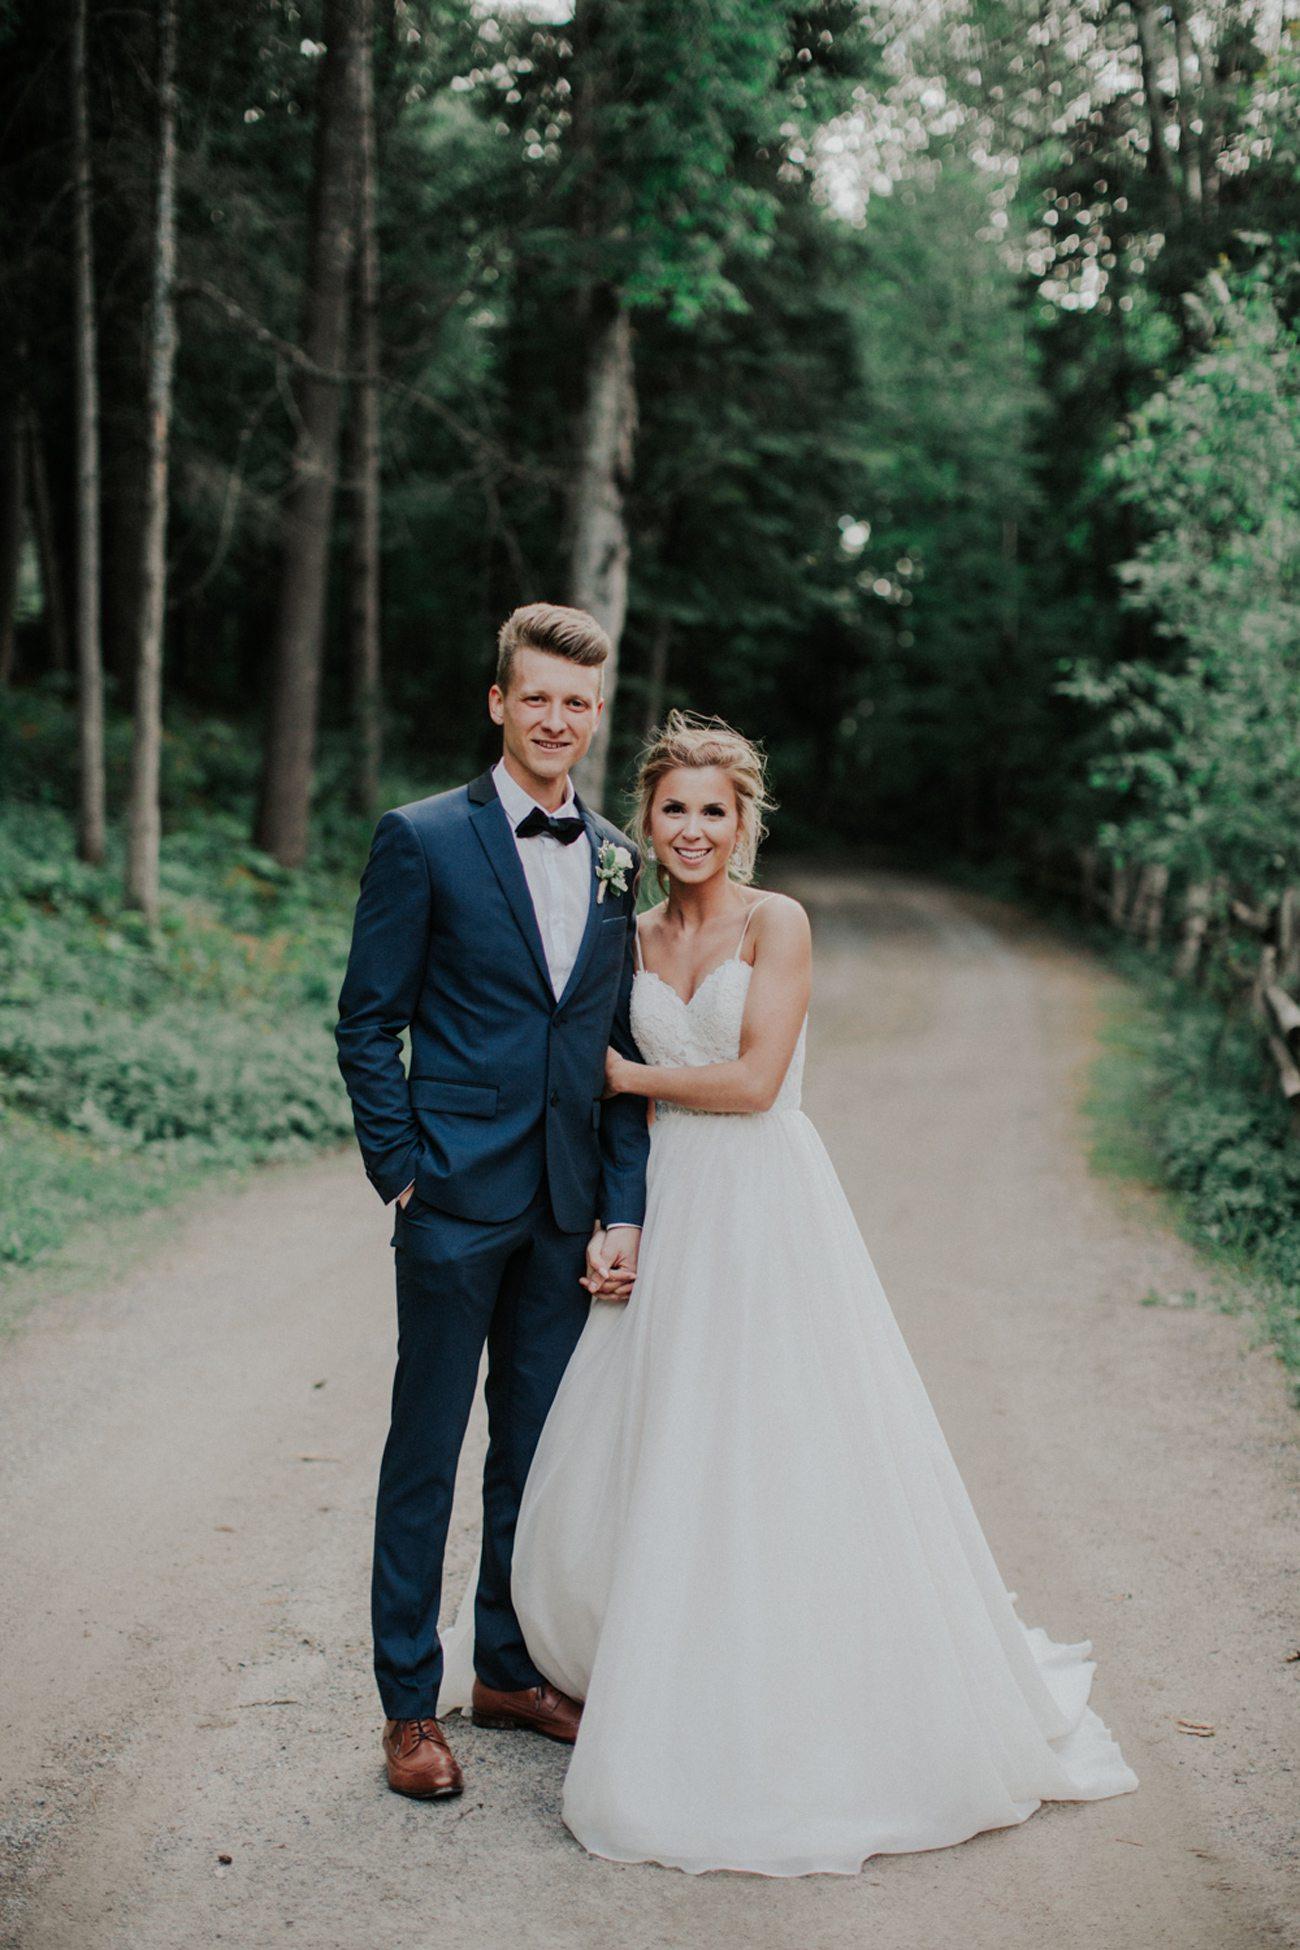 325-victoria-wedding-photographer